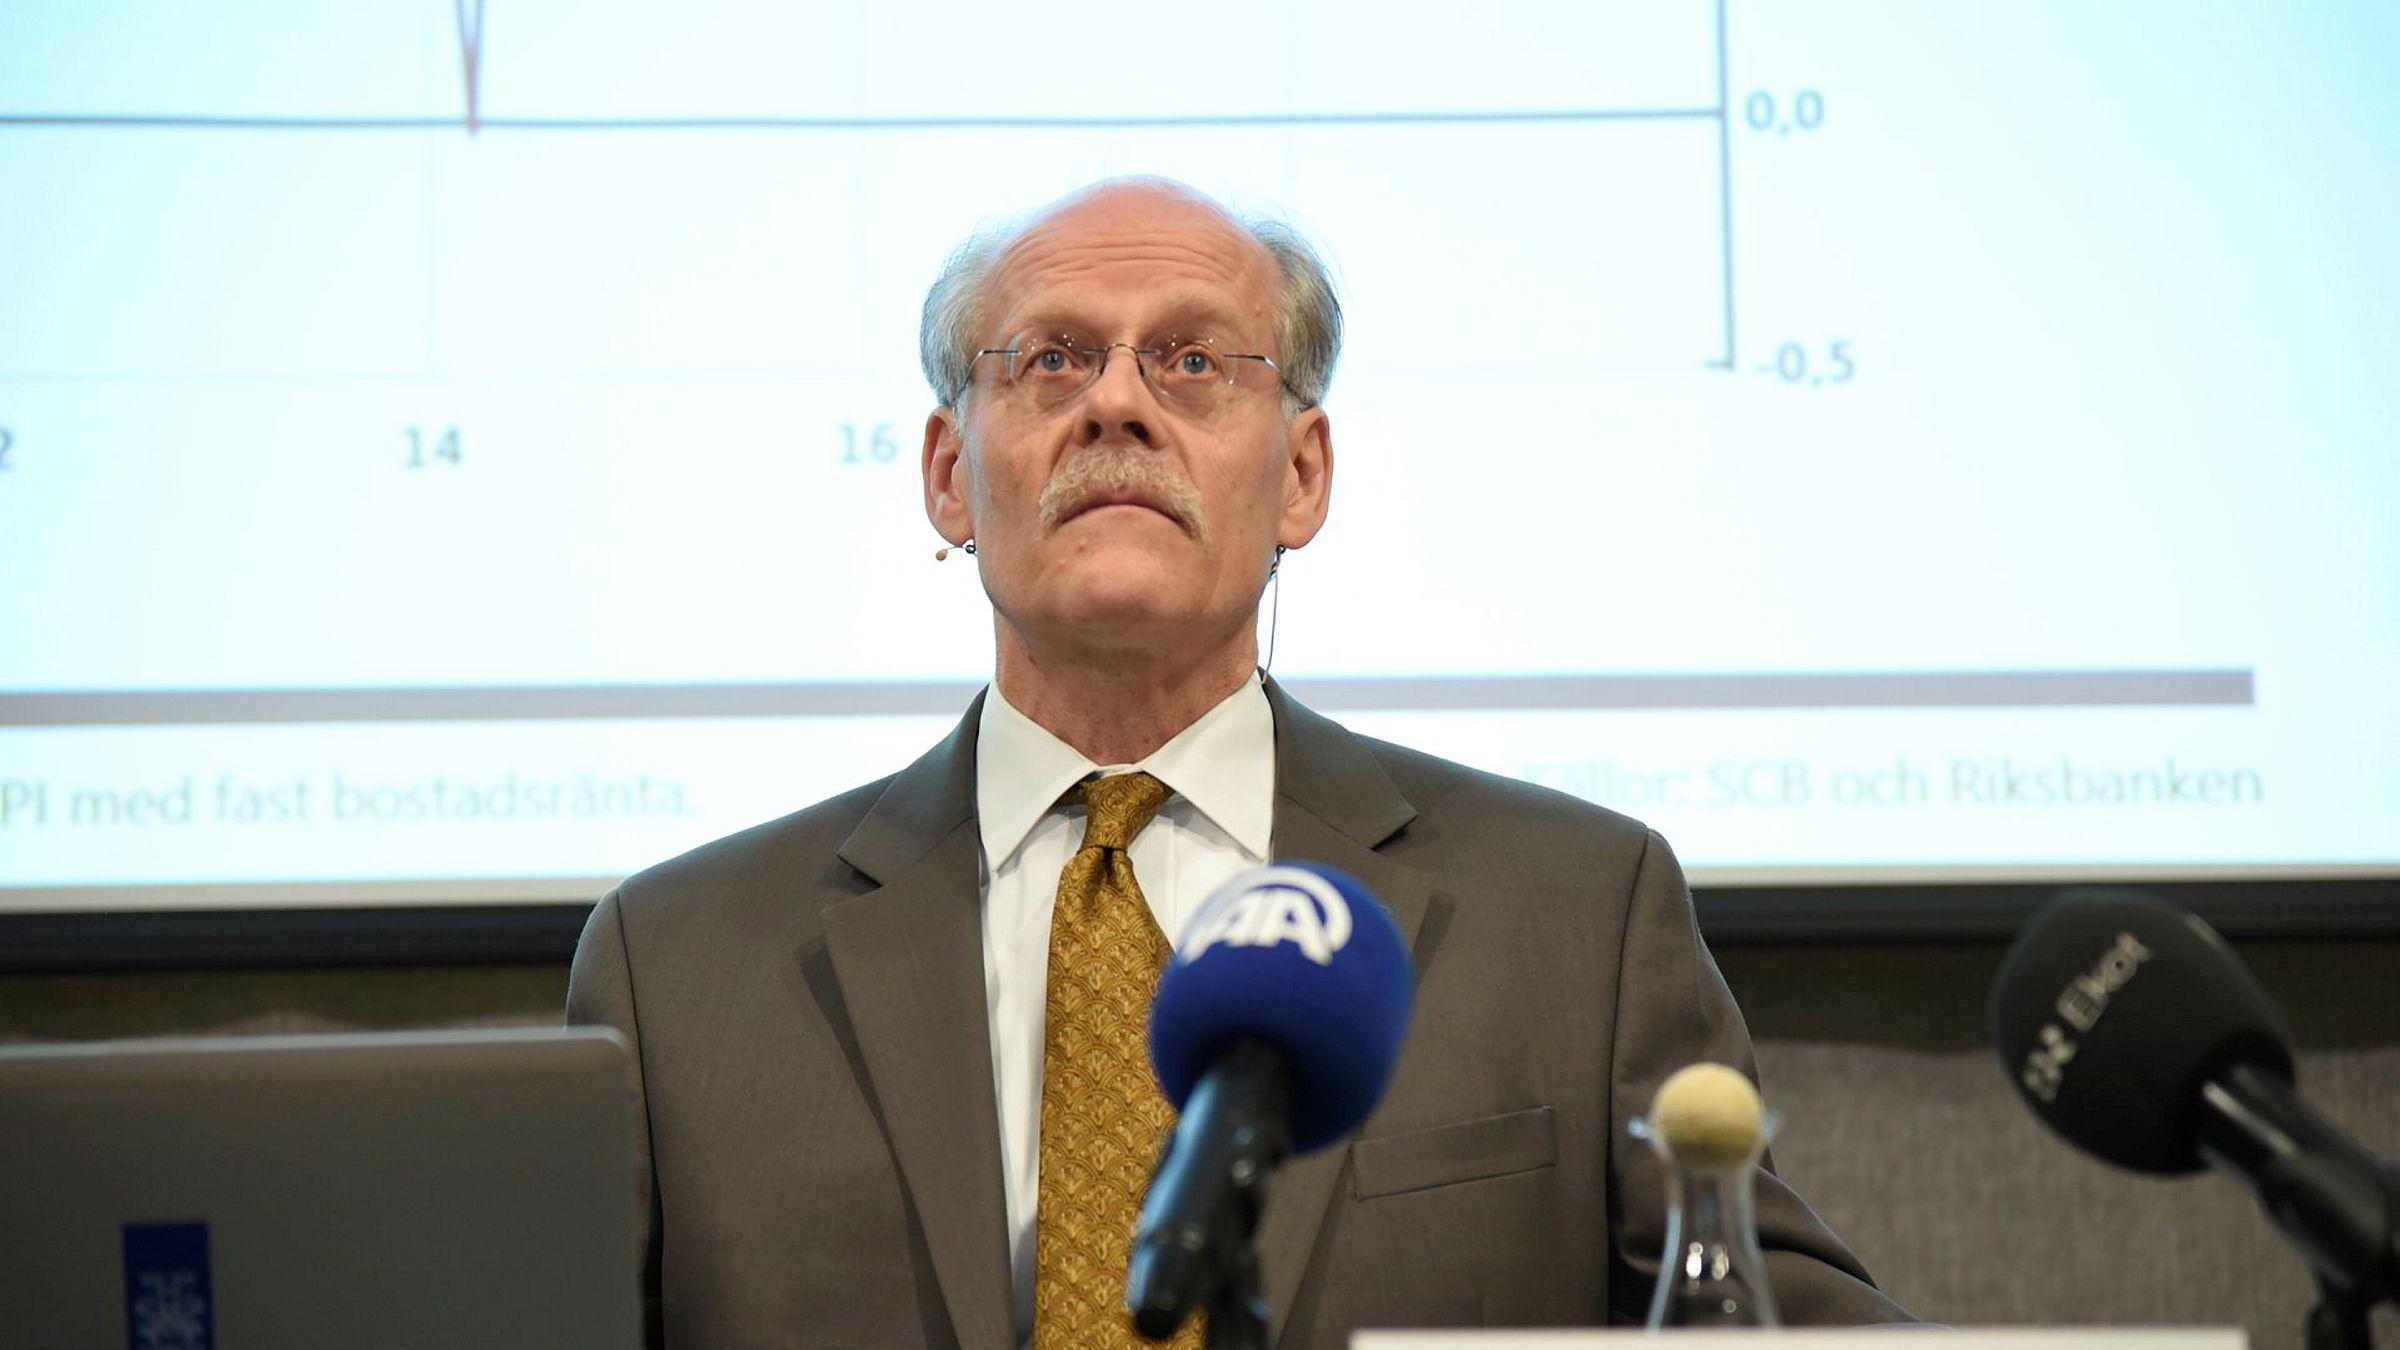 Sveriges sentralbanksjef Stefan Ingves legger onsdag frem årets siste rentebeslutning fra Riksbanken.